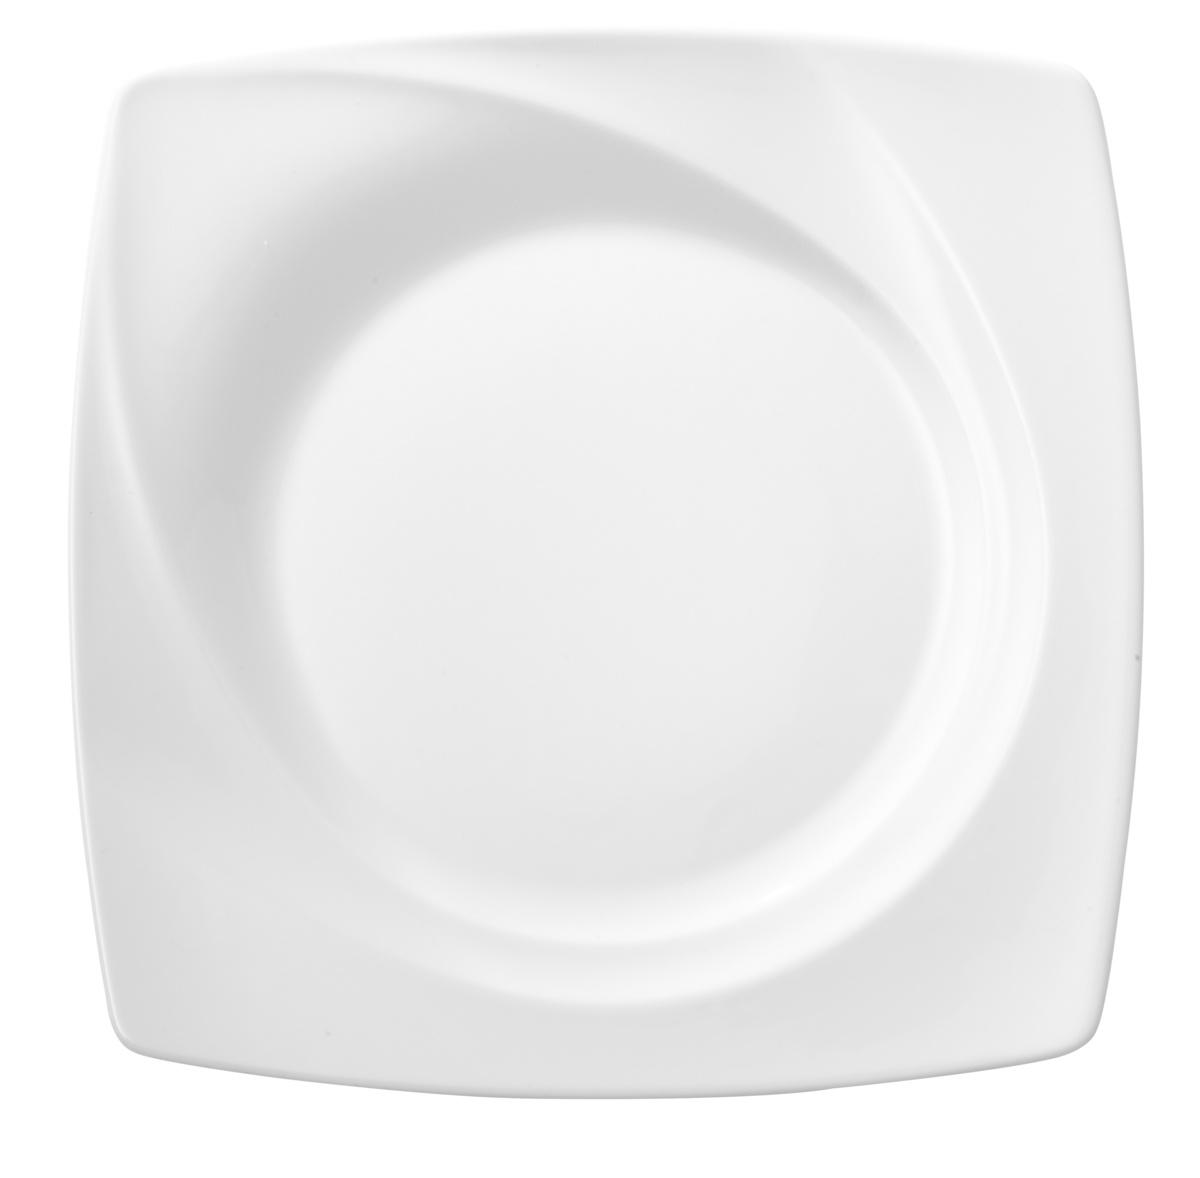 Assiette plate carré blanc Celebration